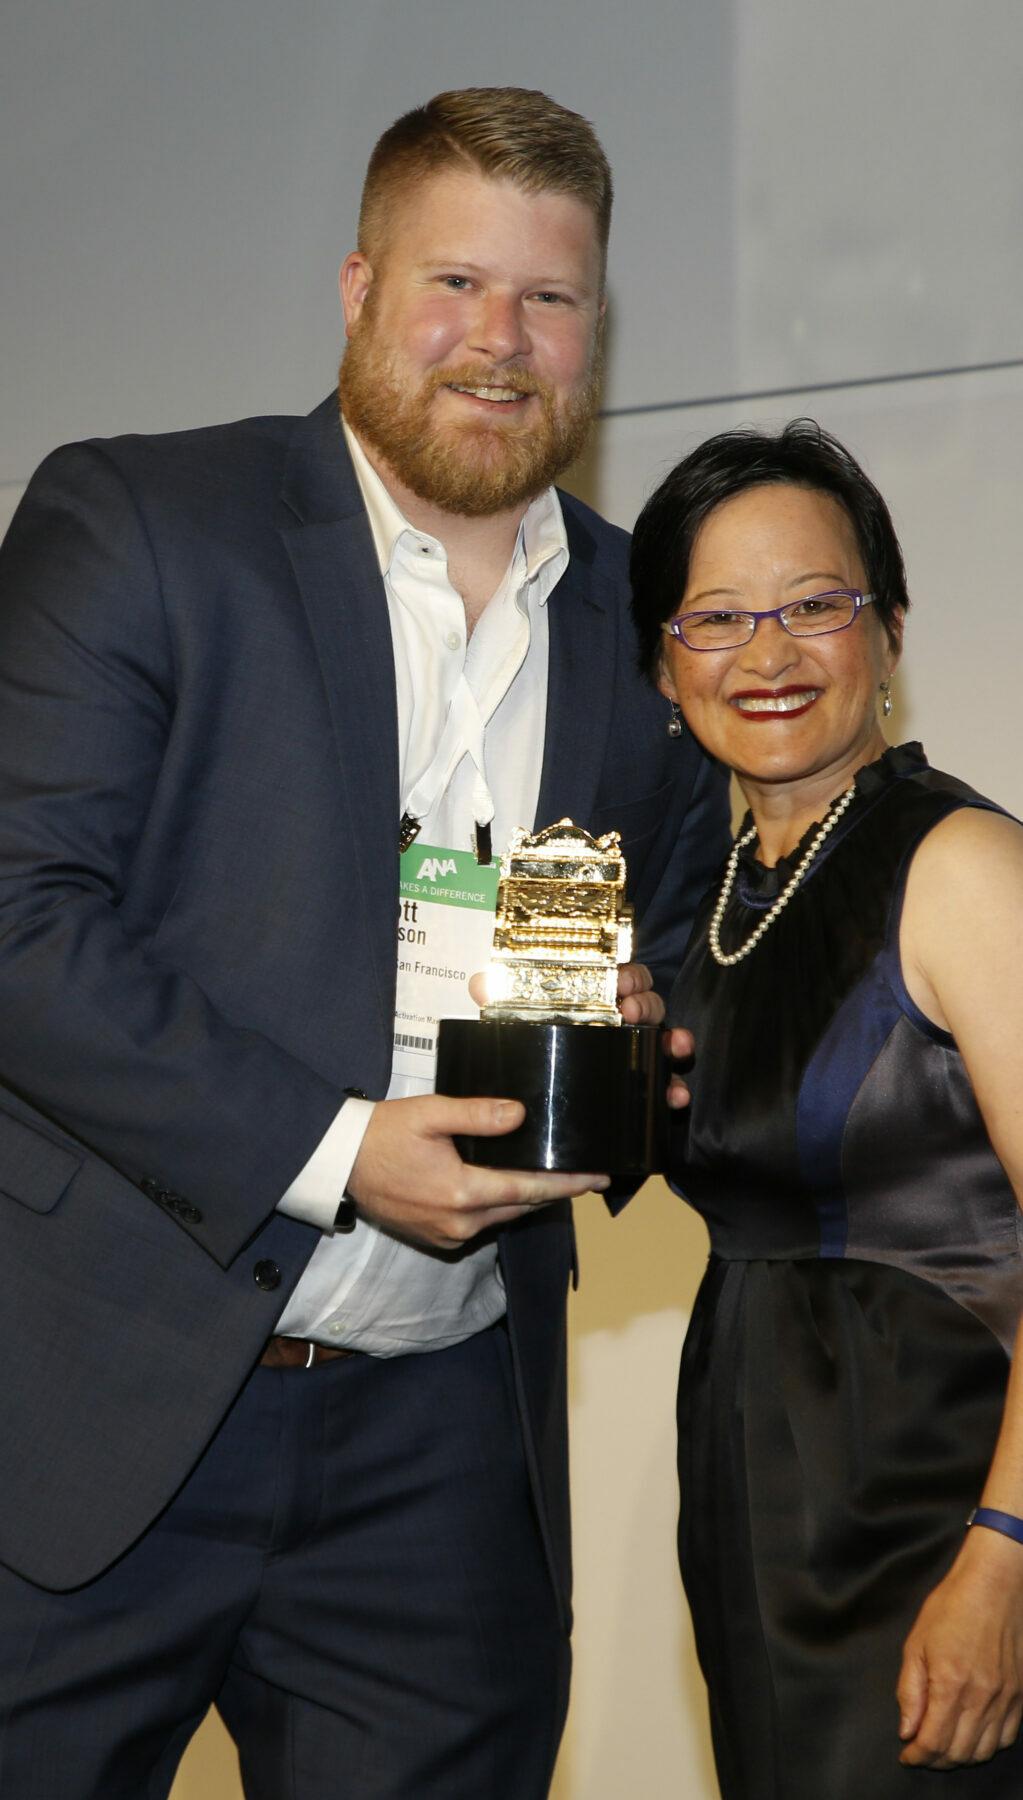 Reggie_Award2